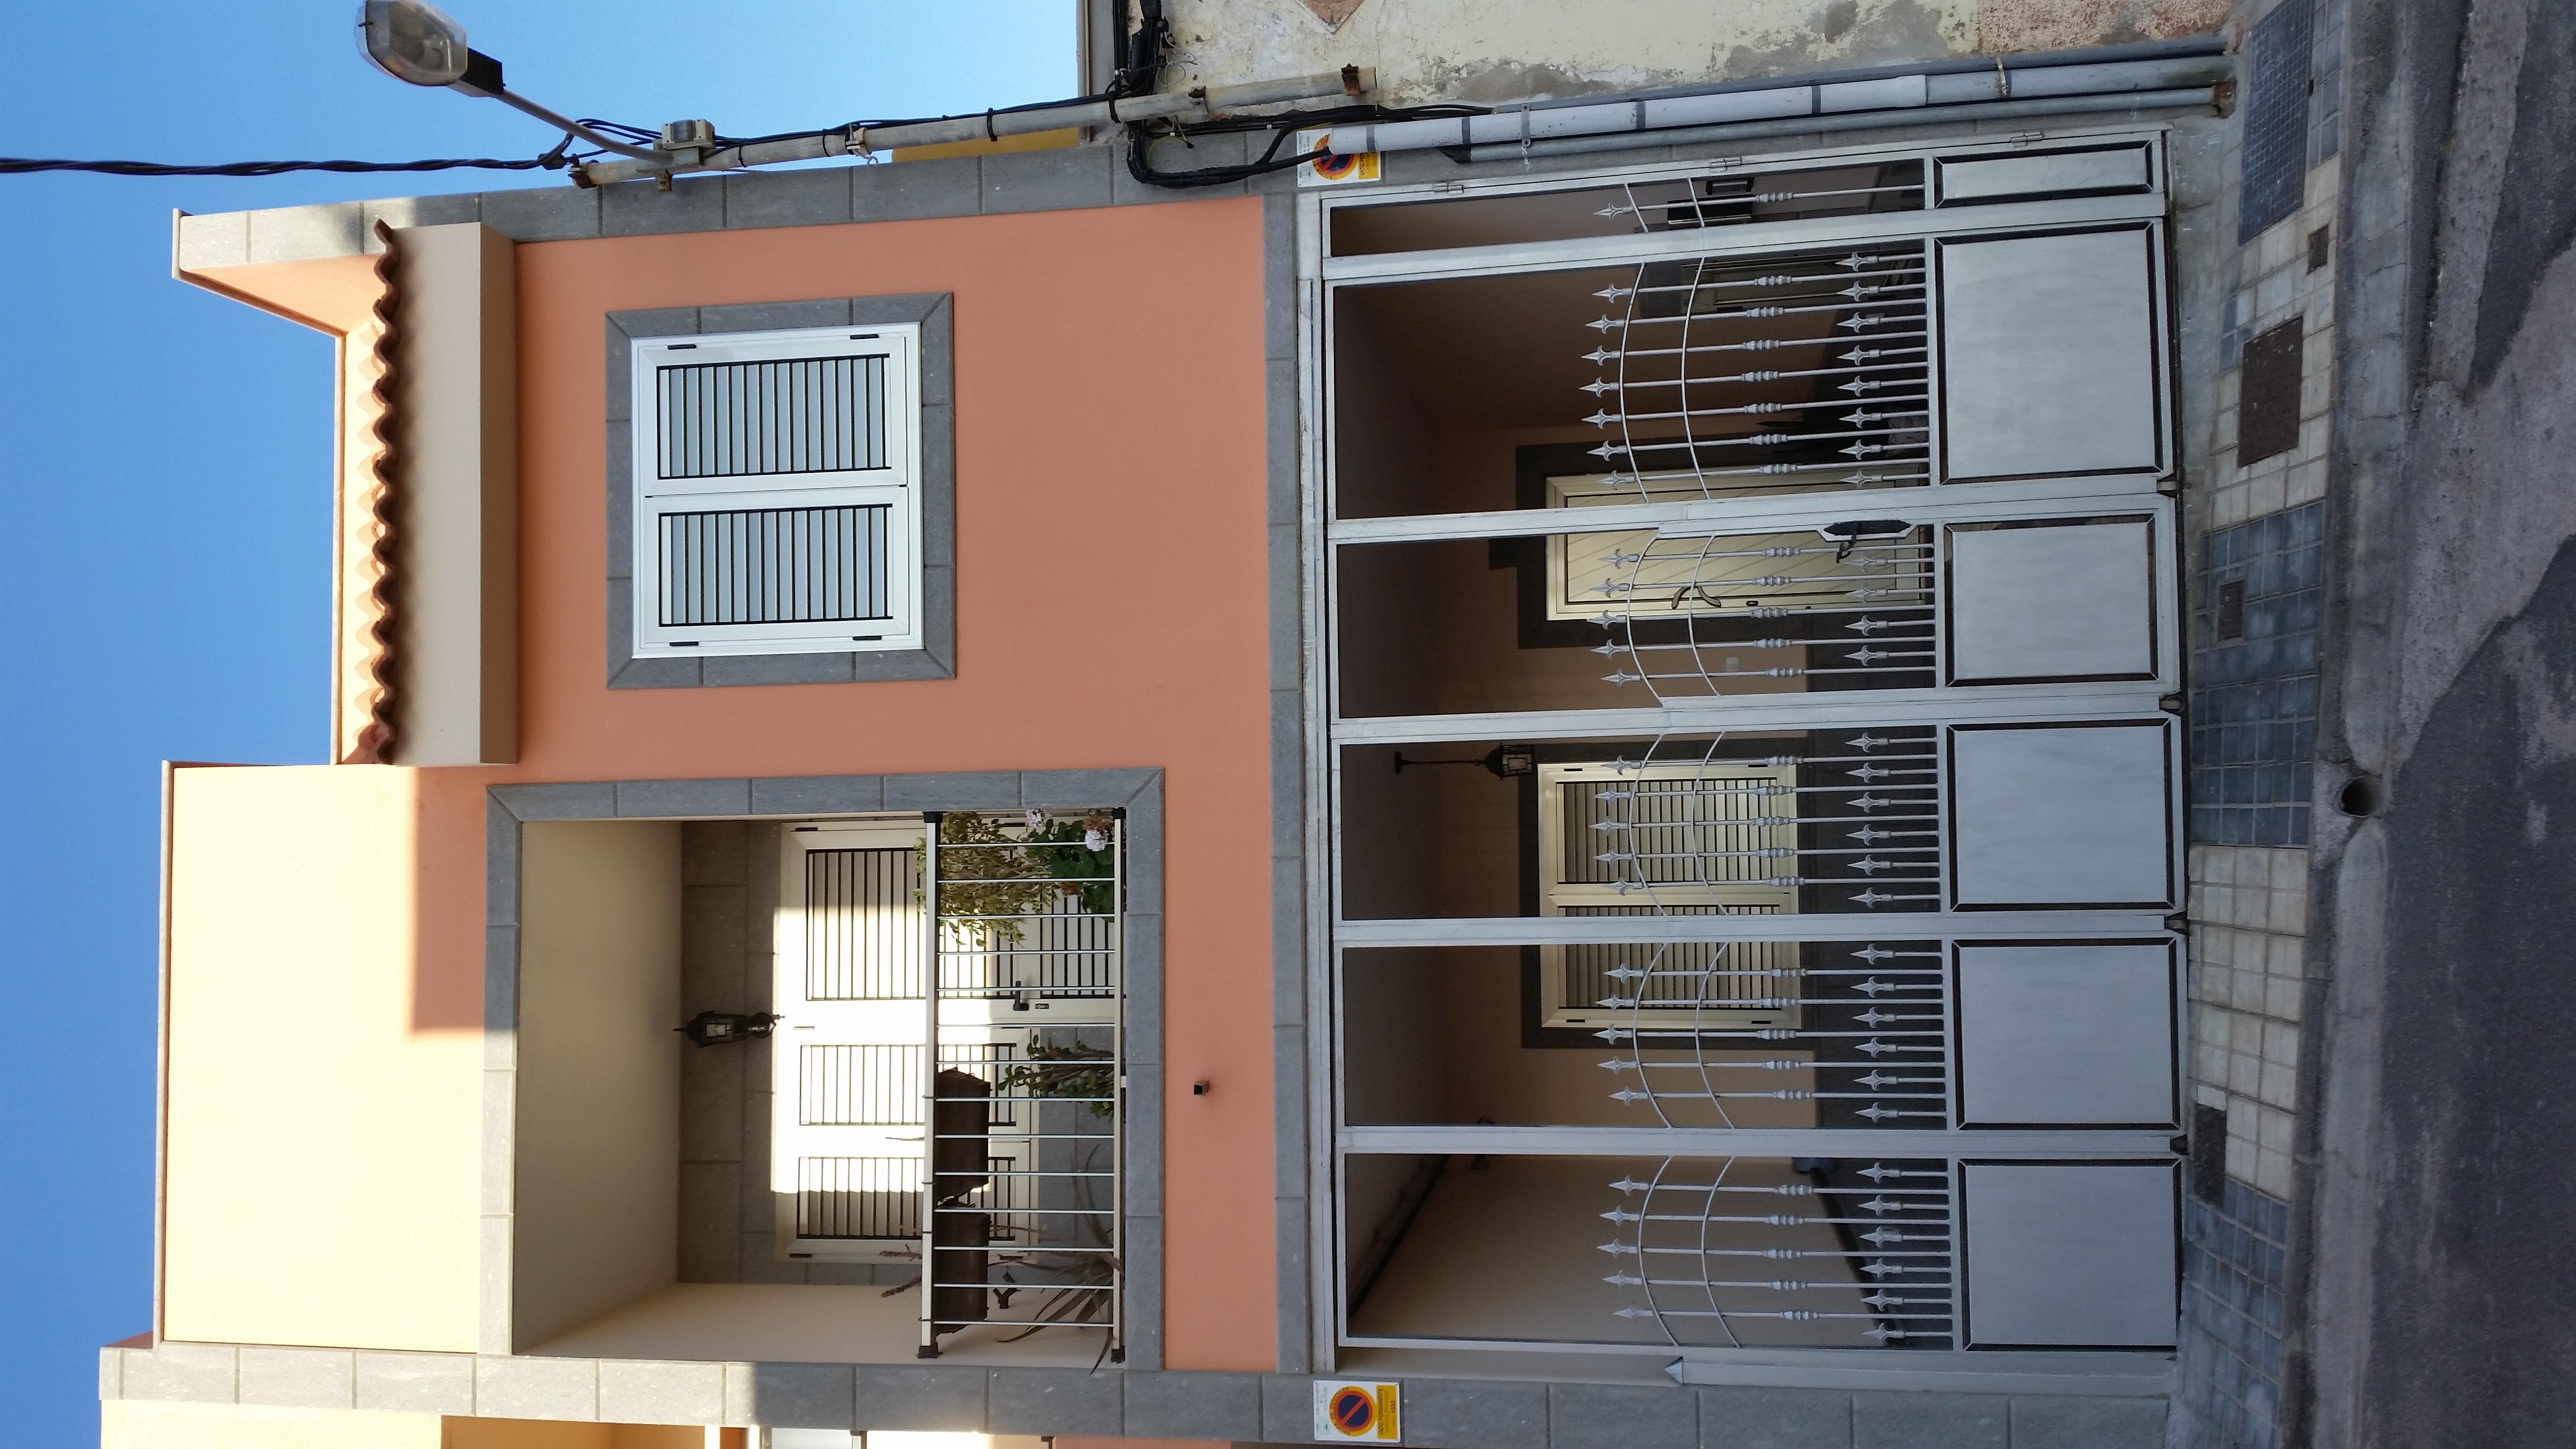 Venta casa de campo las palmas islas canarias espana cairasco de figueroa 29 d espana - Duplex en ingenio ...